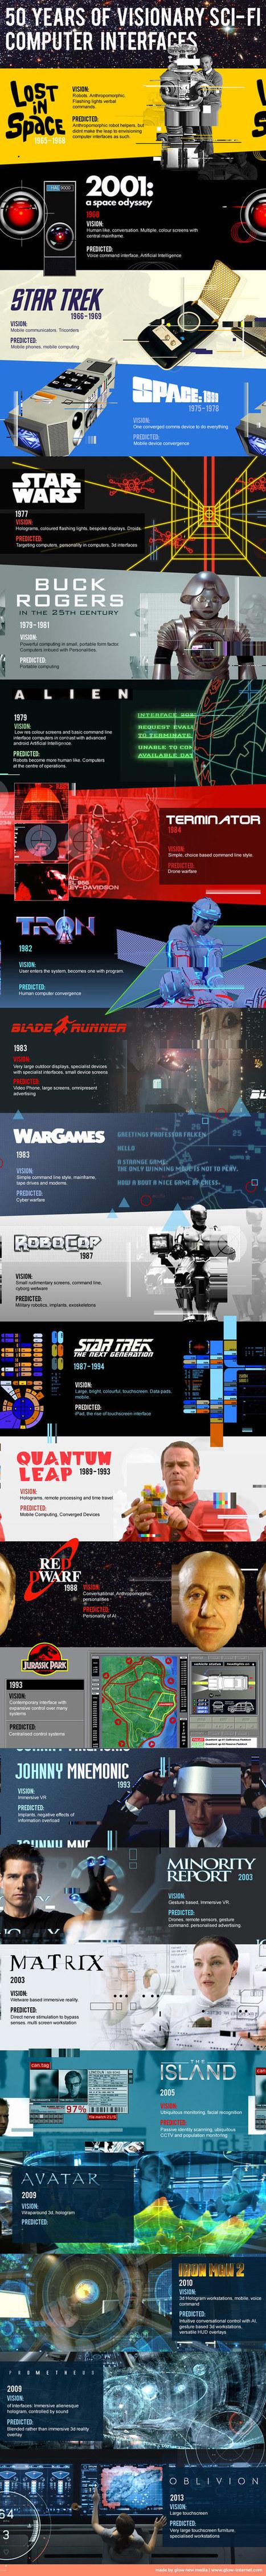 Infographie : Les technologies du futur... dans le passé | Social and digital network | Scoop.it